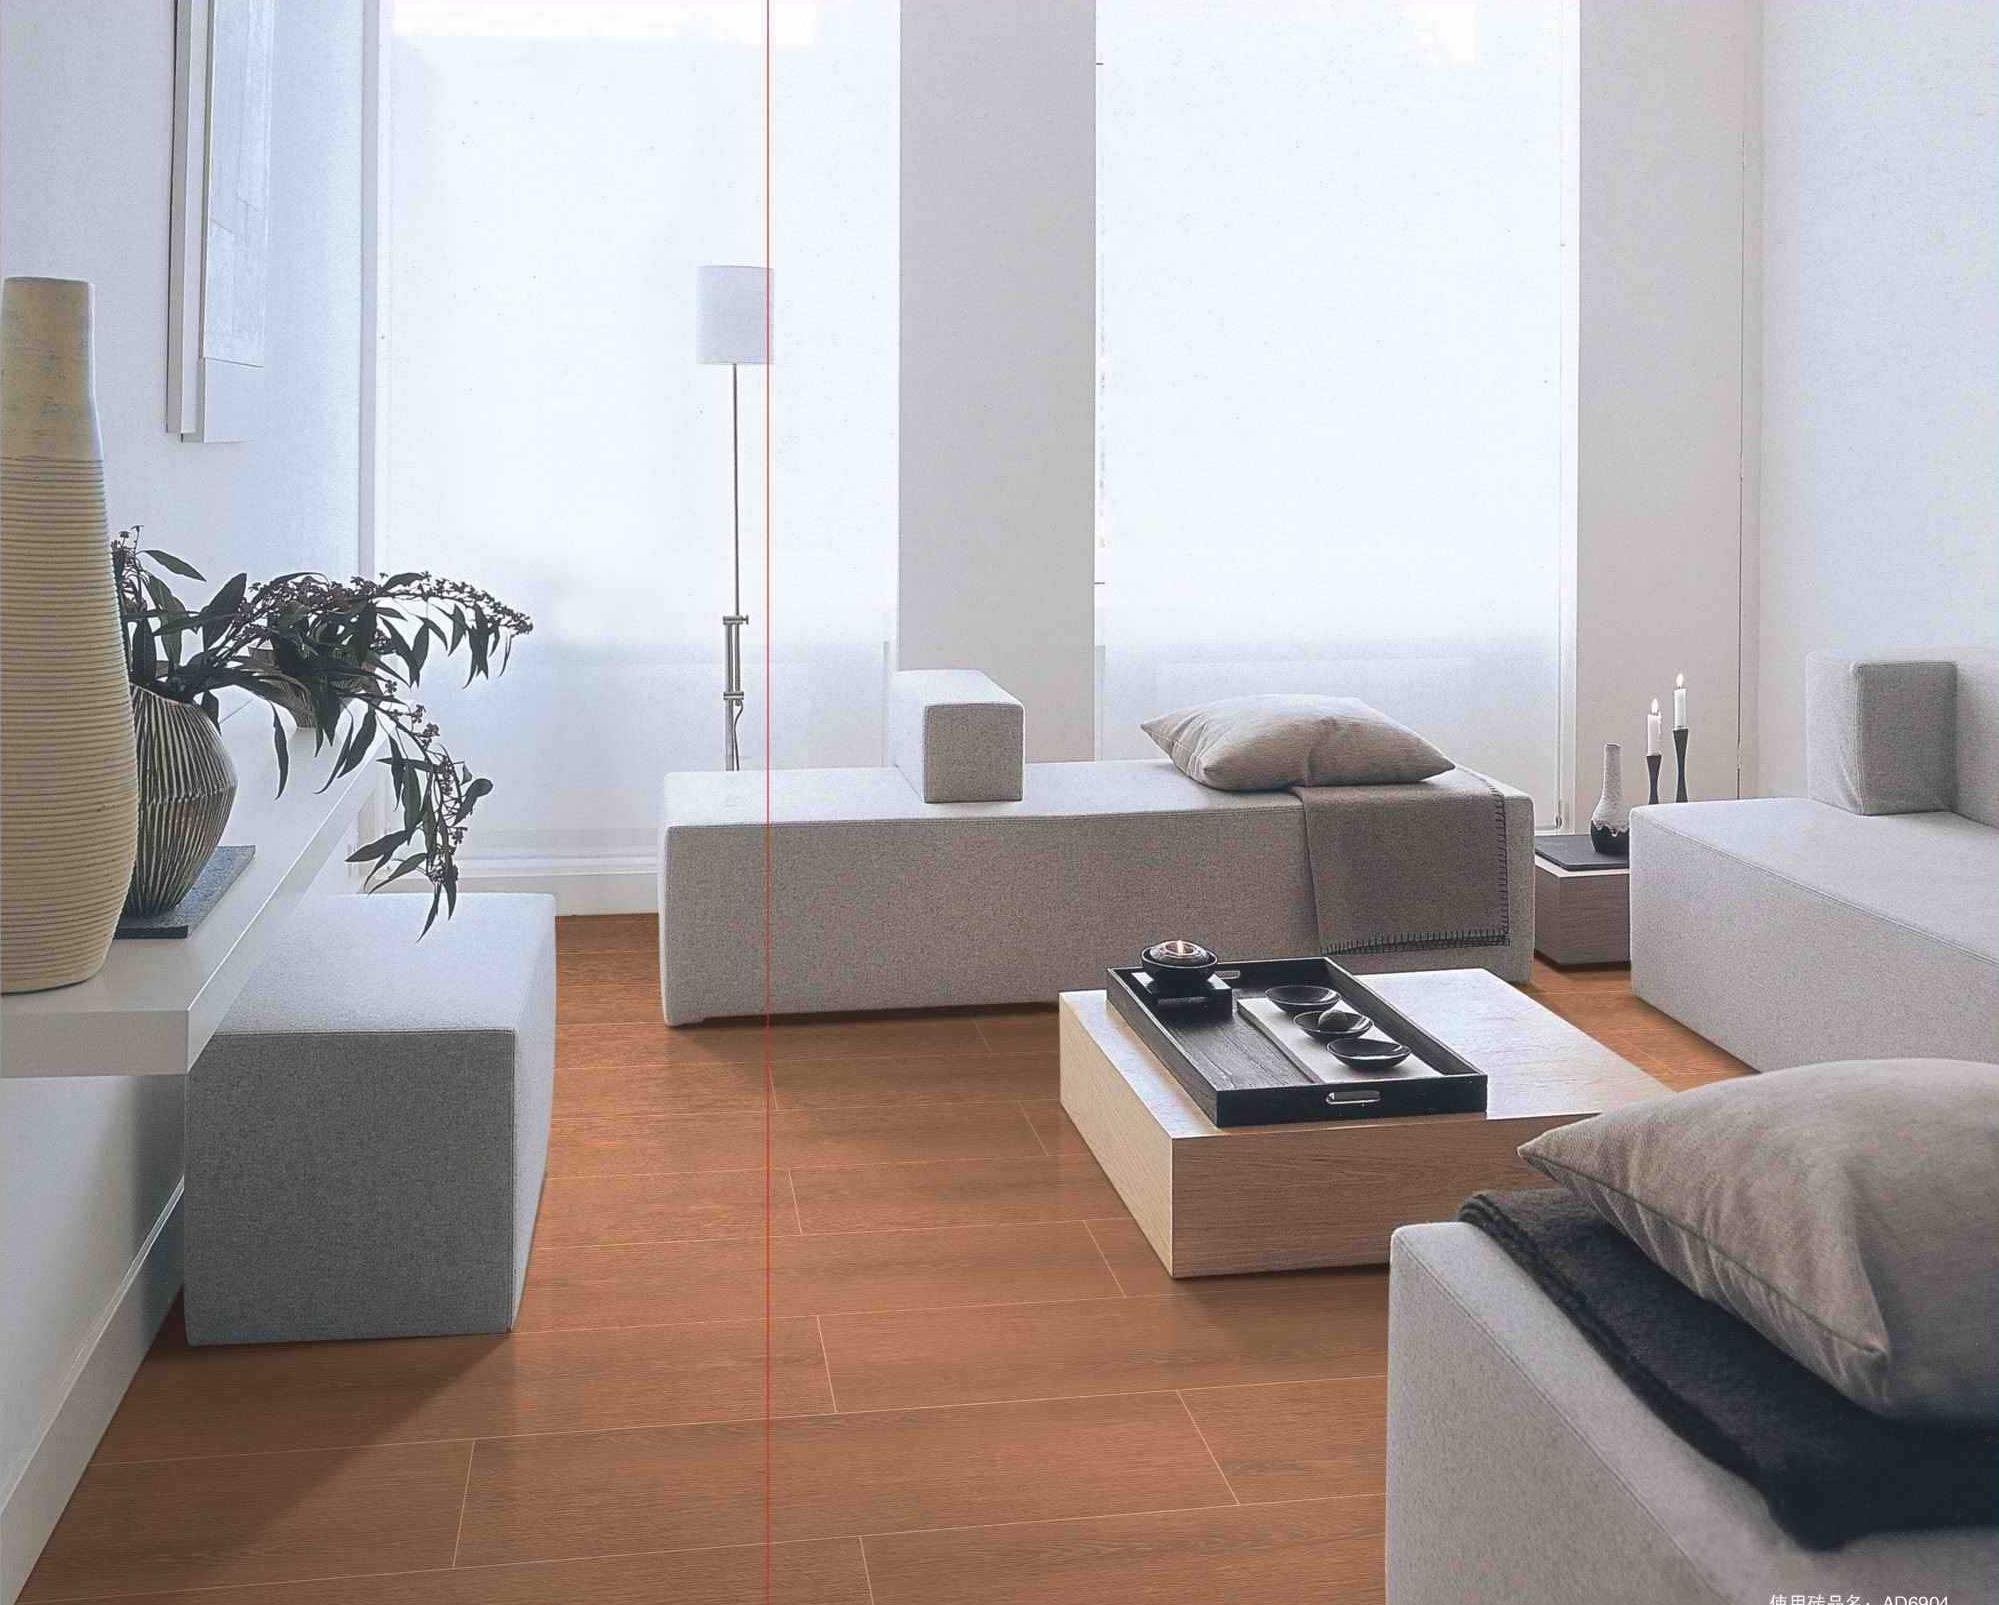 我们都希望把自己的加装修的温馨舒适,劳累一天了,晚上可以有一个舒适的休息环境。那么如何让把我是装饰的舒适温馨?实木地板无疑是一个绝佳的选择。  实木地板其天然的木质风格营造出的自然氛围让人倍感亲切,许多年以来一直深受人们的欢迎。但是由于其天然属性,实木地板在空间的使用上有一定的限制。而仿木地板瓷砖既具有木地板的外表,也具有瓷砖本身的特点,在空间的应用和使用寿命更强于实木地板!  实木地板木色、纹理都是浑然天成的,还有着极其舒适的触感,符合了一个温馨舒适的家的需求,然而实木地板也属于比较娇贵的一个材料,难打